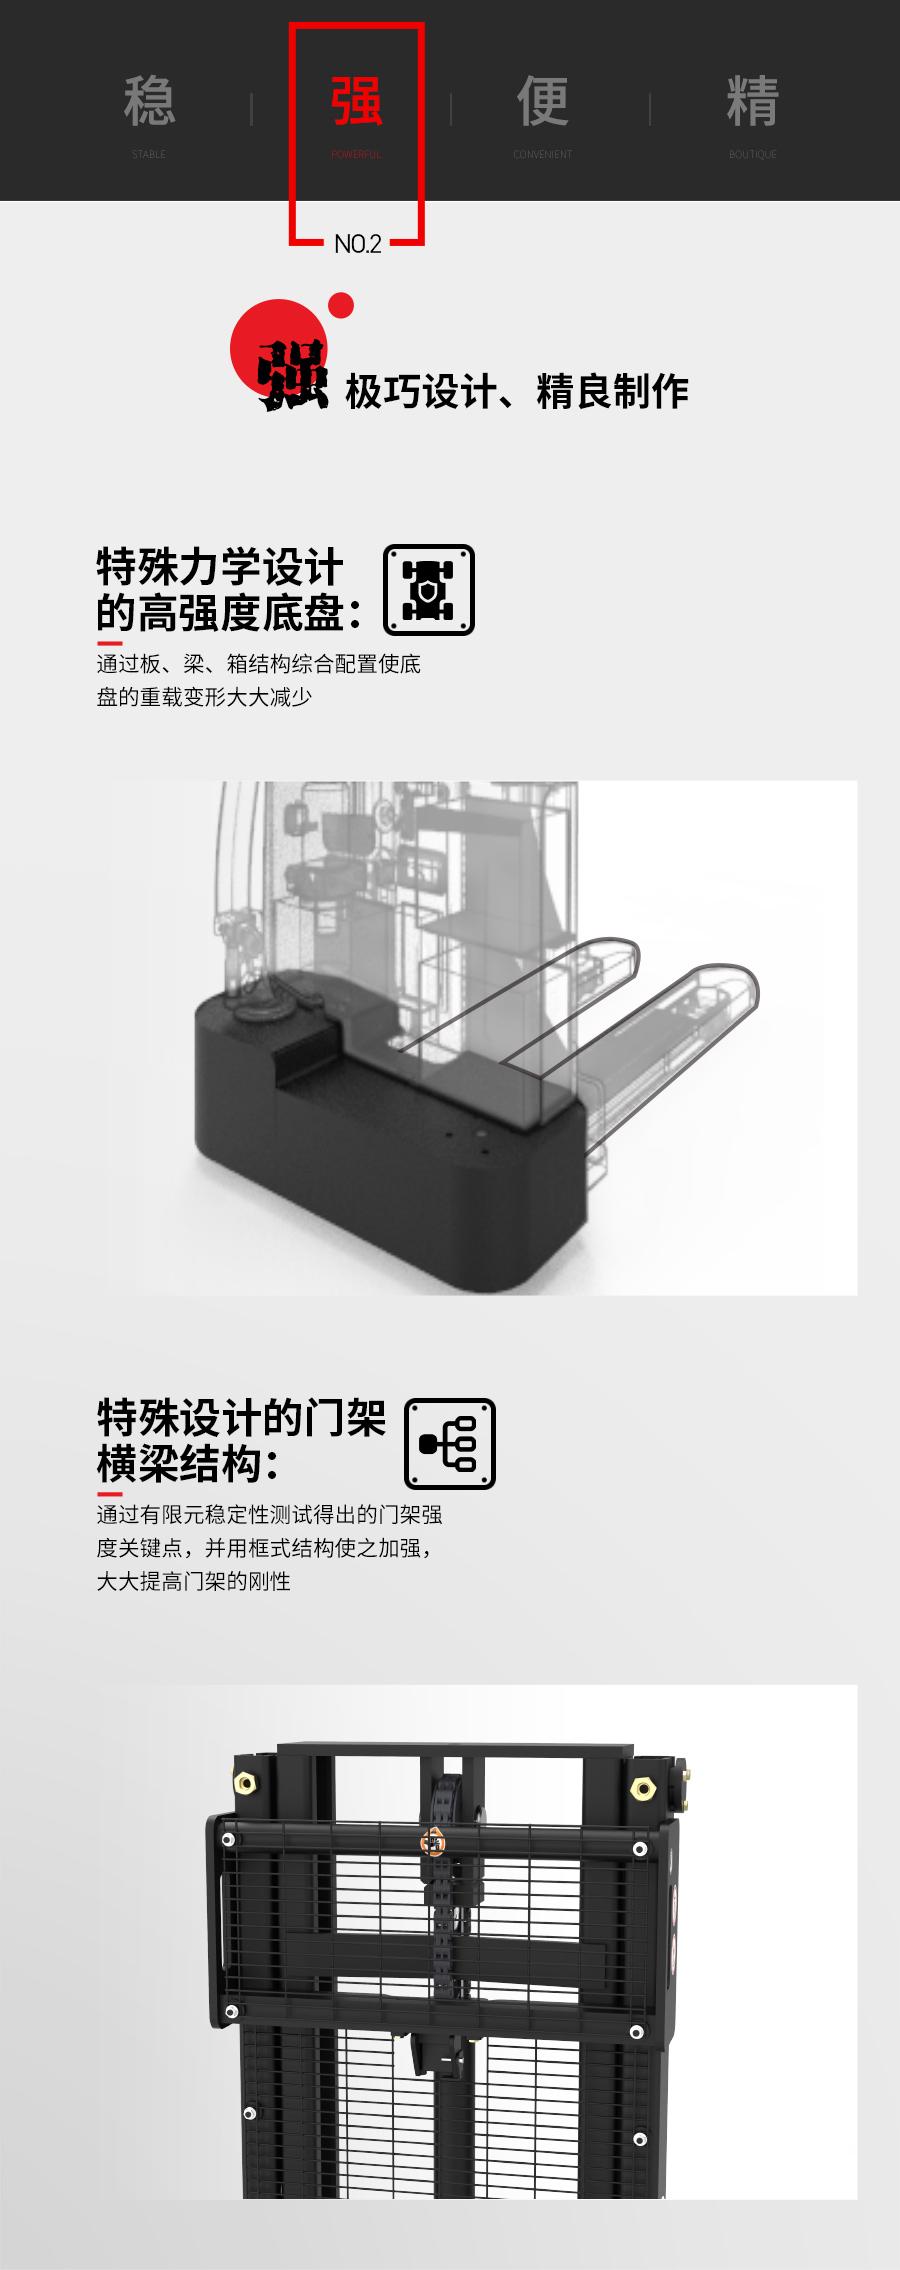 中力 1.5吨经济型步行式电动堆高车EST152Z